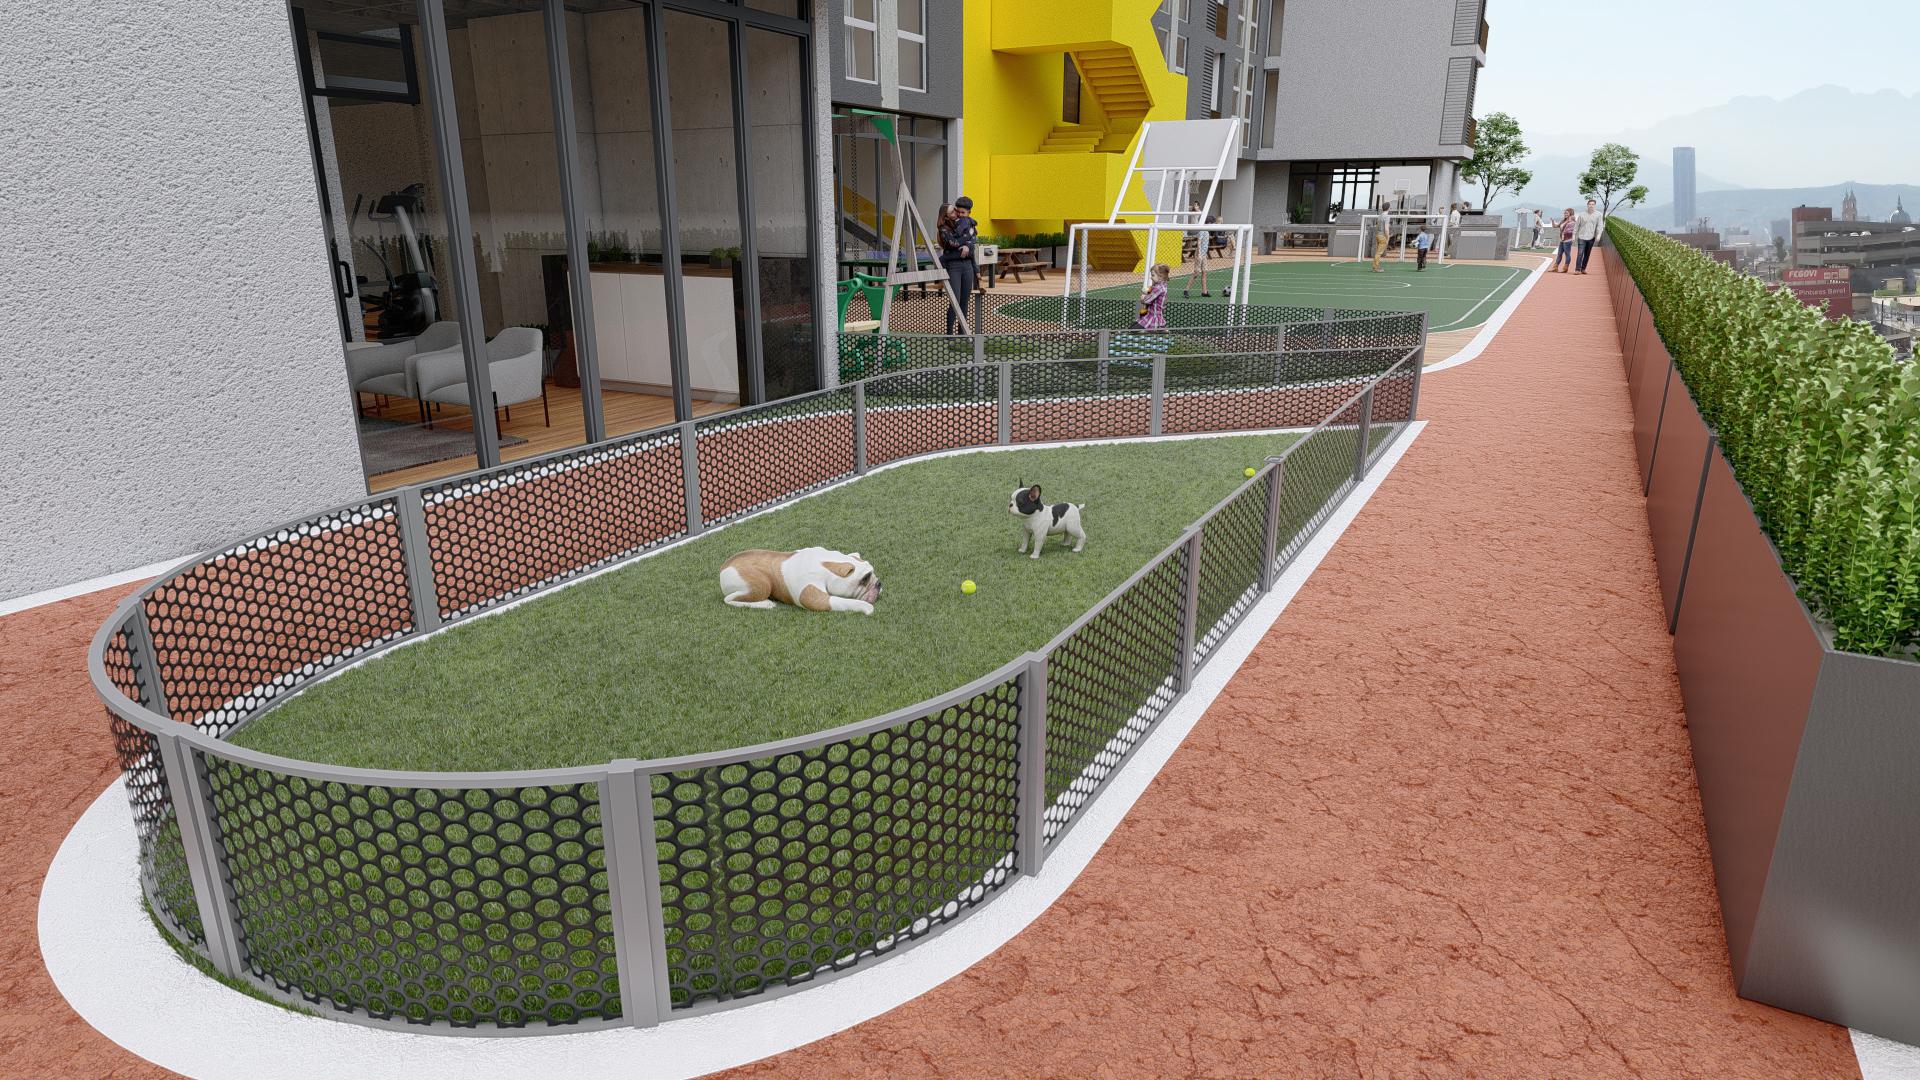 pet park-arena calzada town